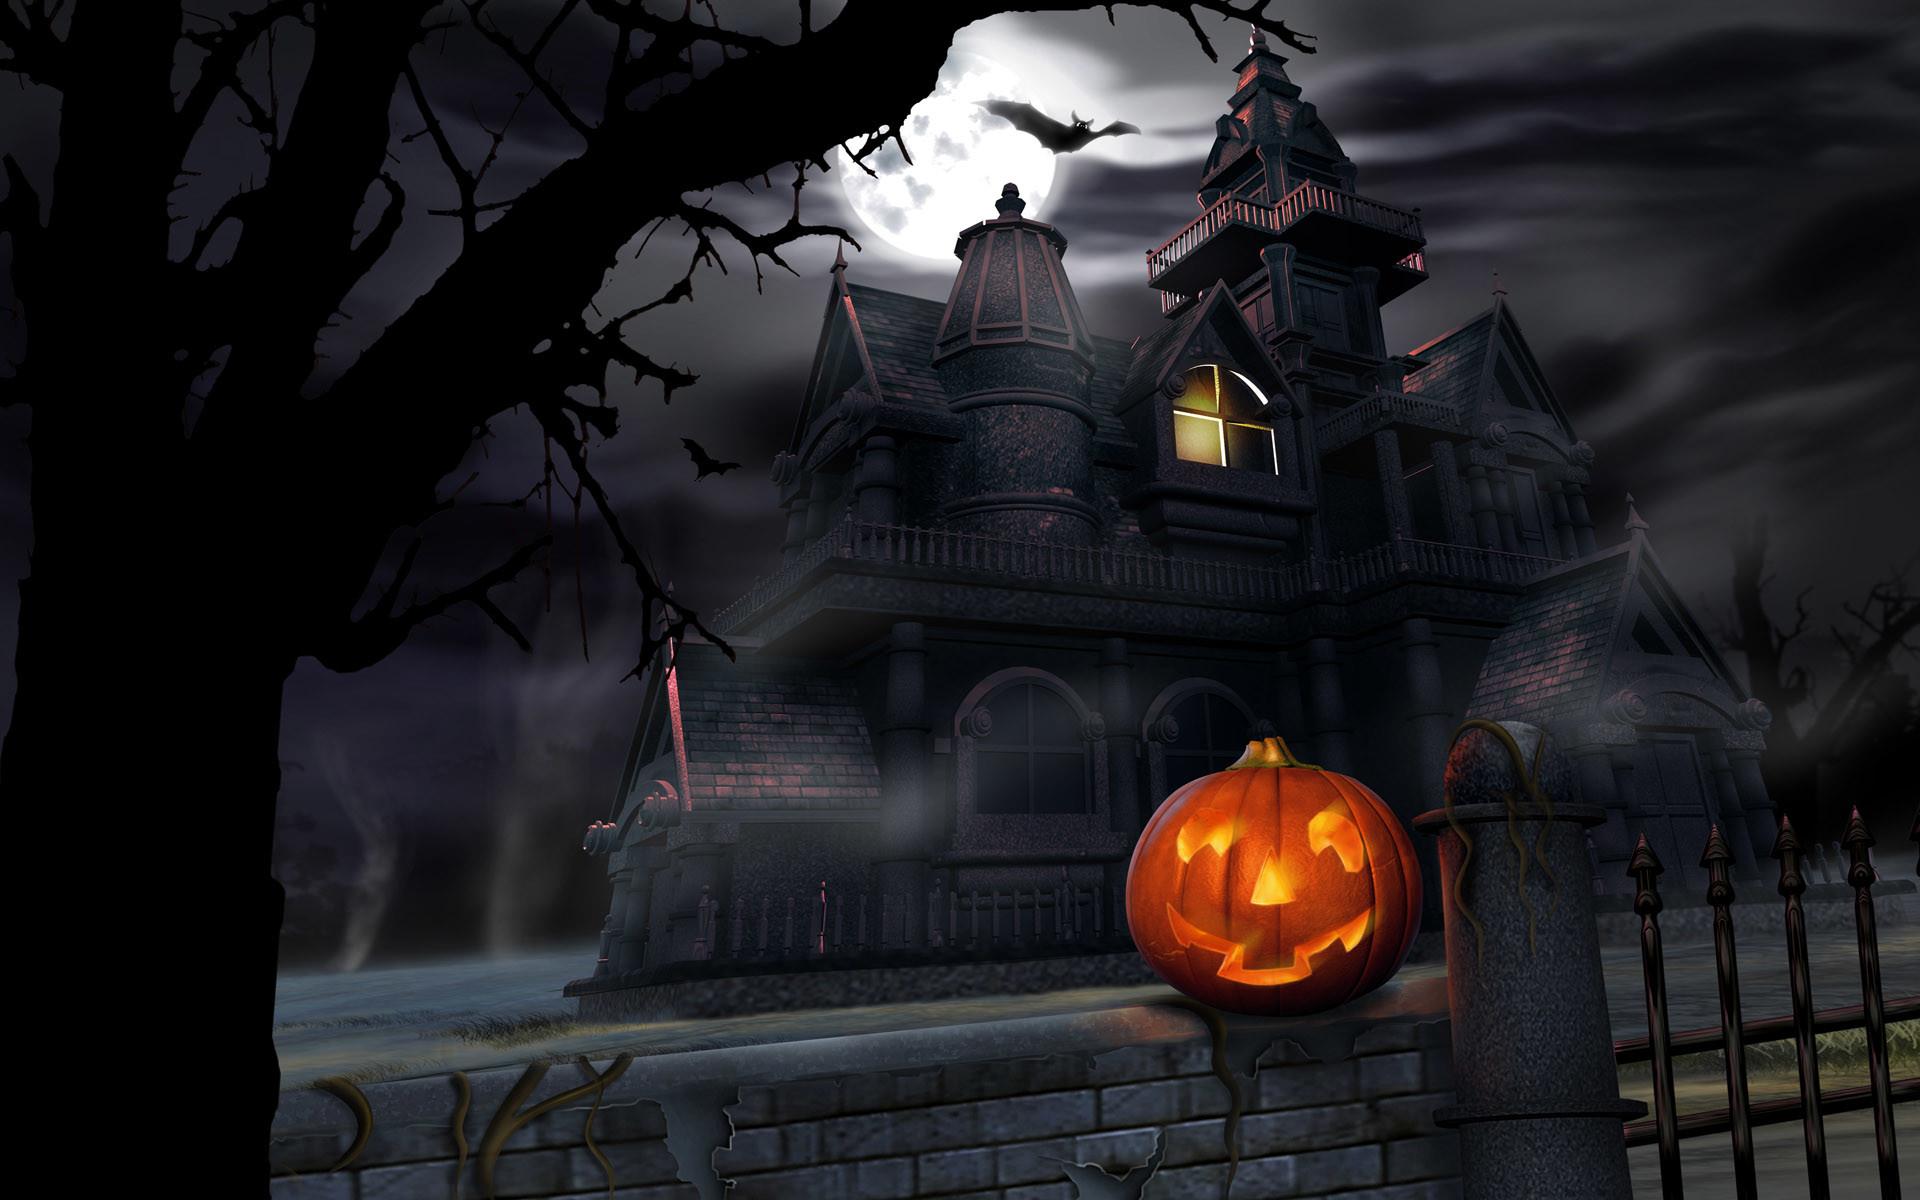 Halloween Animated Desktop Wallpaper 60 images 1920x1200